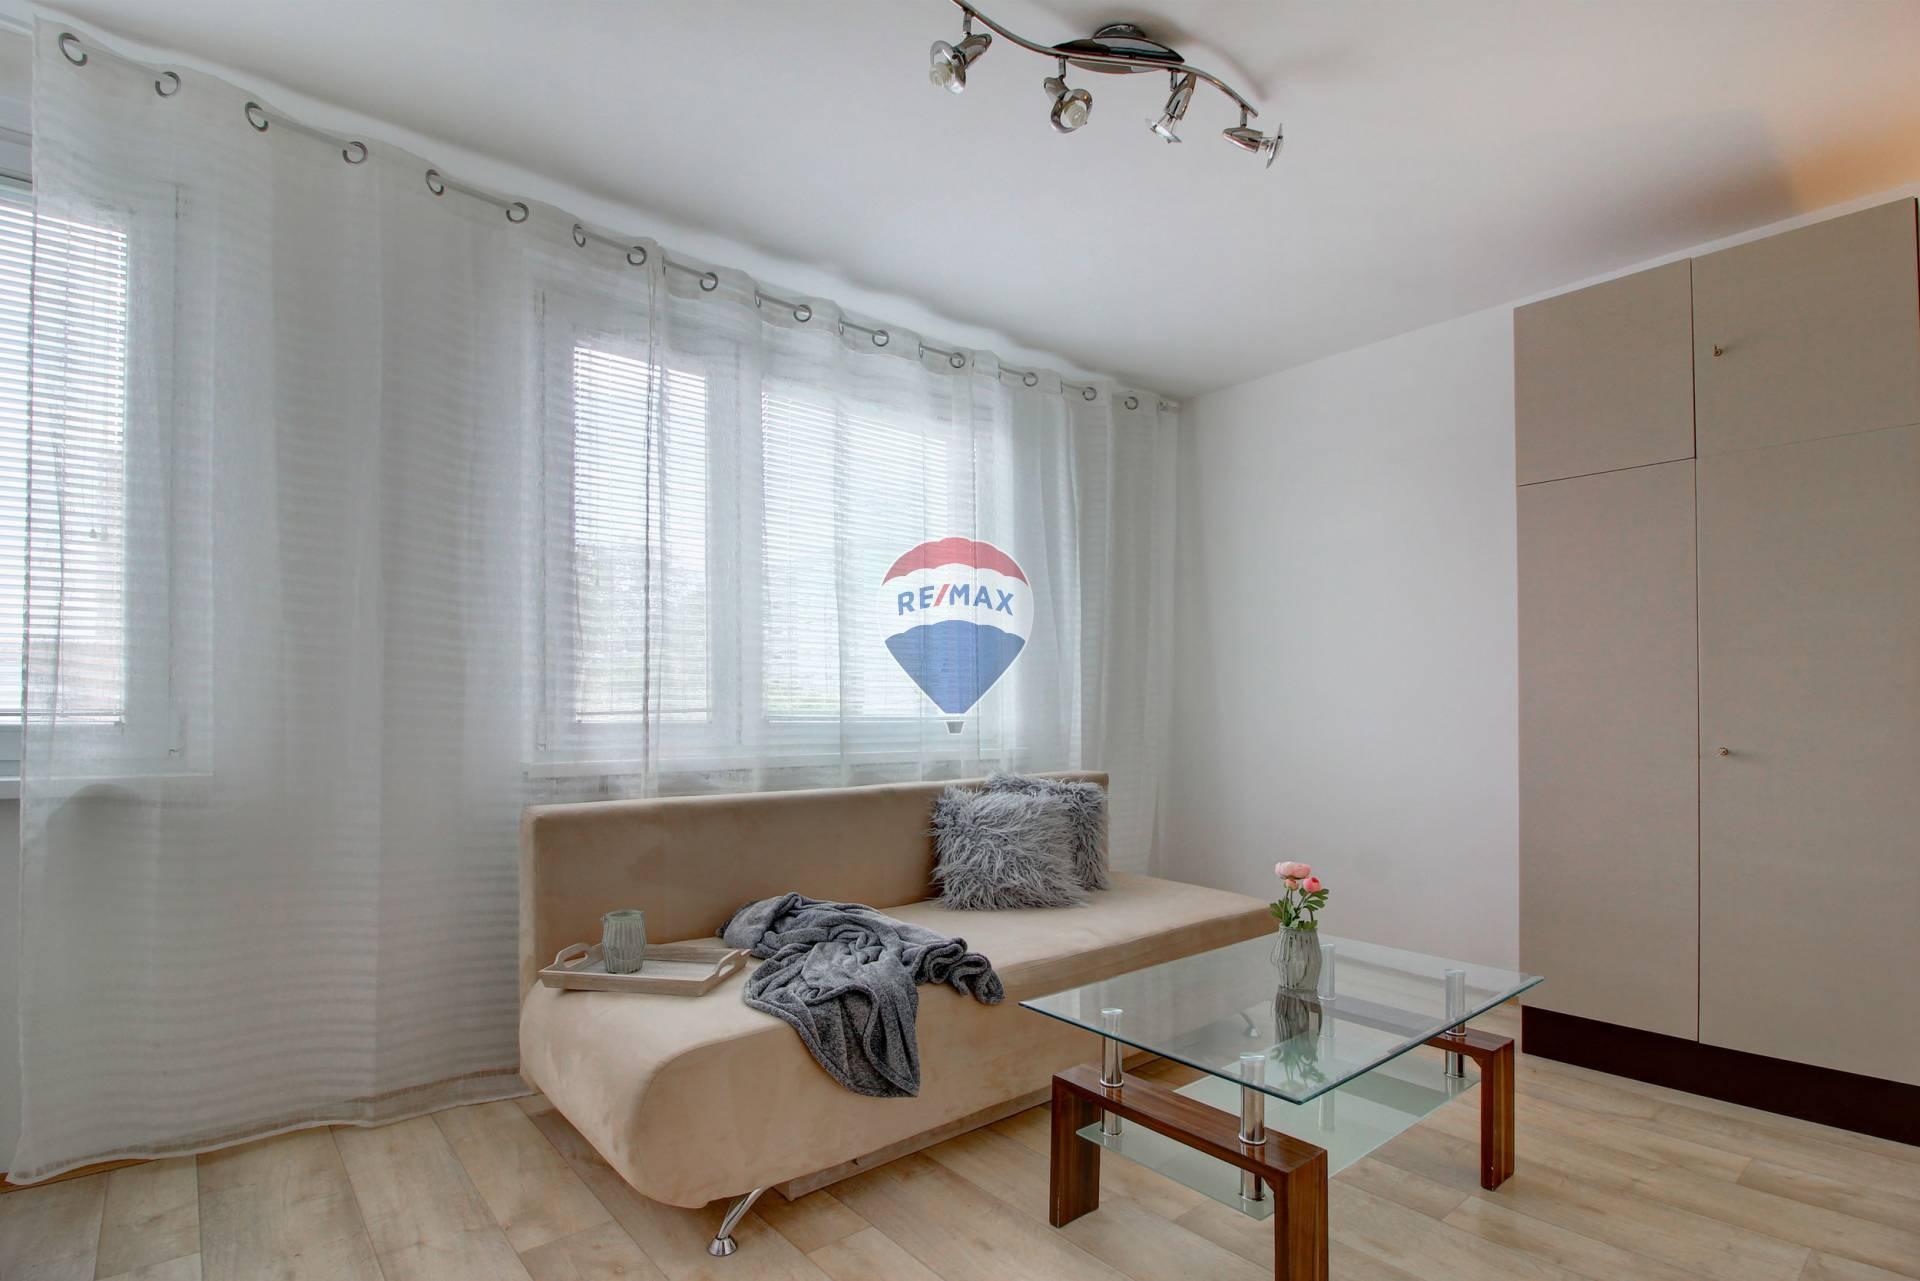 Prenájom bytu (1 izbový ) 29,5 m2, Šamorín /Gazdovský rad)